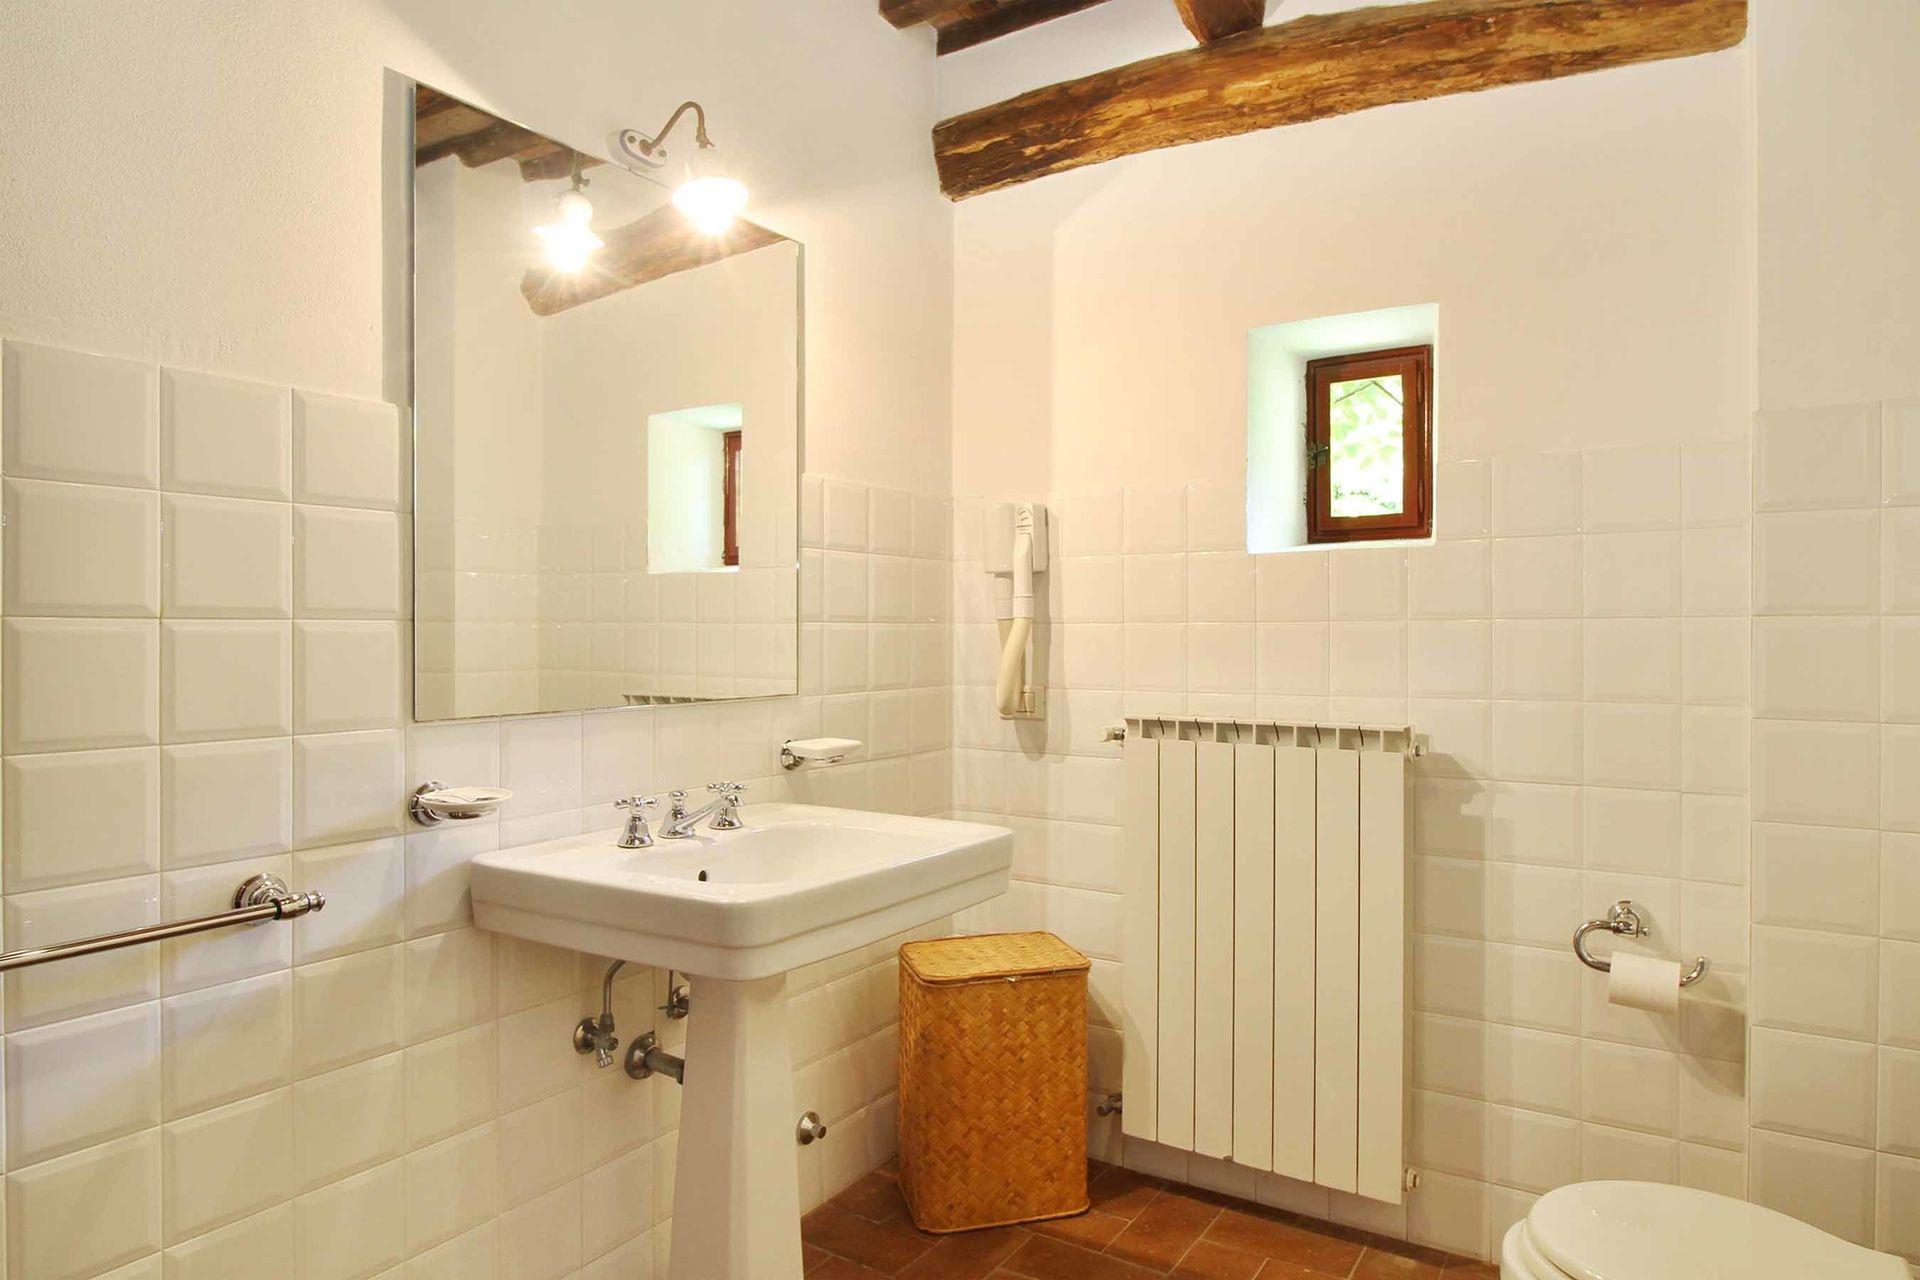 Le casine casa vacanze con 34 posti letto in 17 camere for Casine di legno prezzi